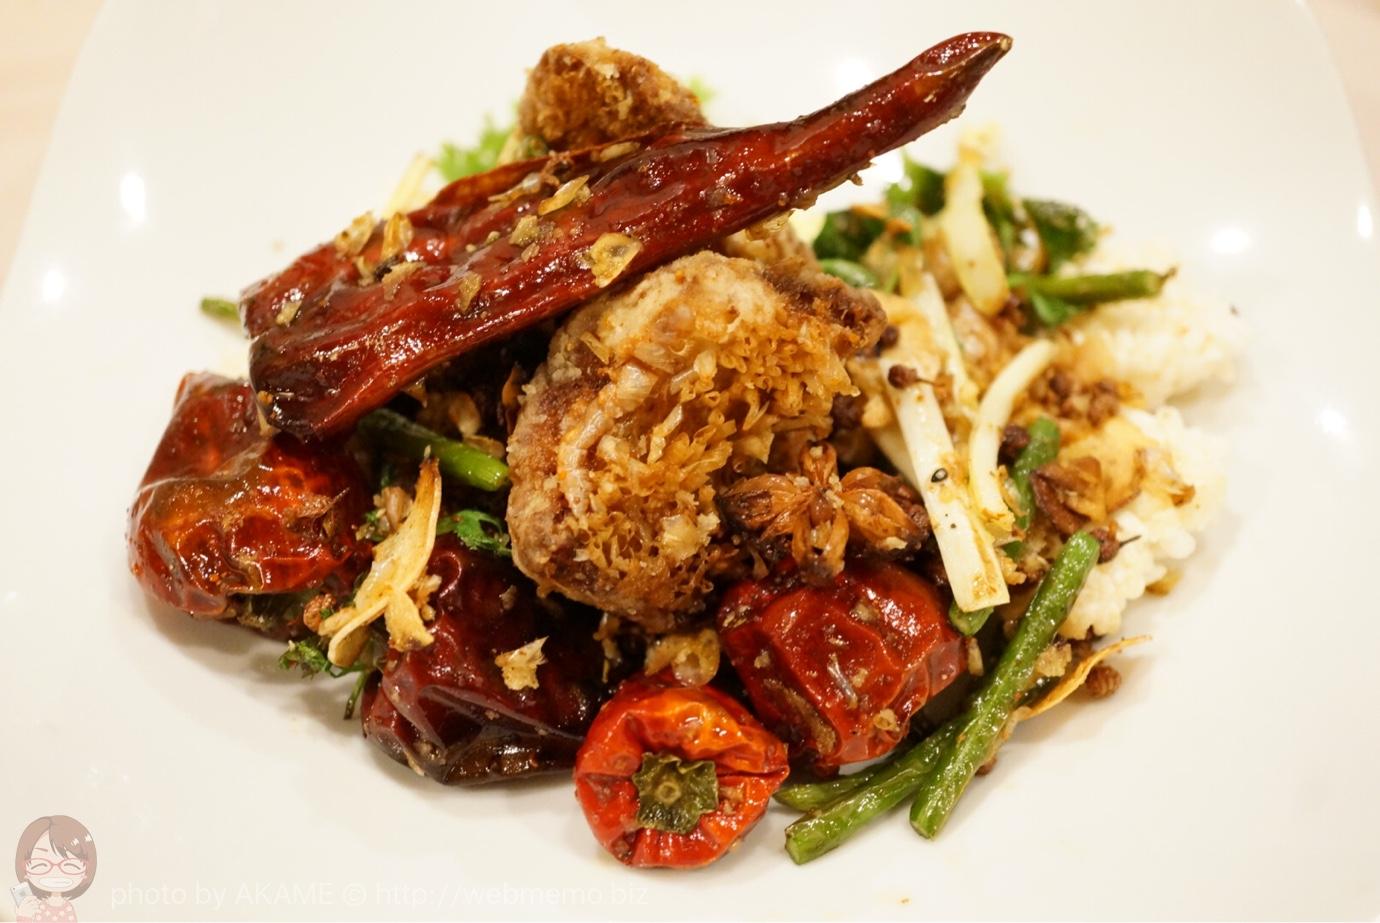 広味坊 千歳烏山本店の中国料理は化学調味料一切なし!「安心」の詰まった本場の味